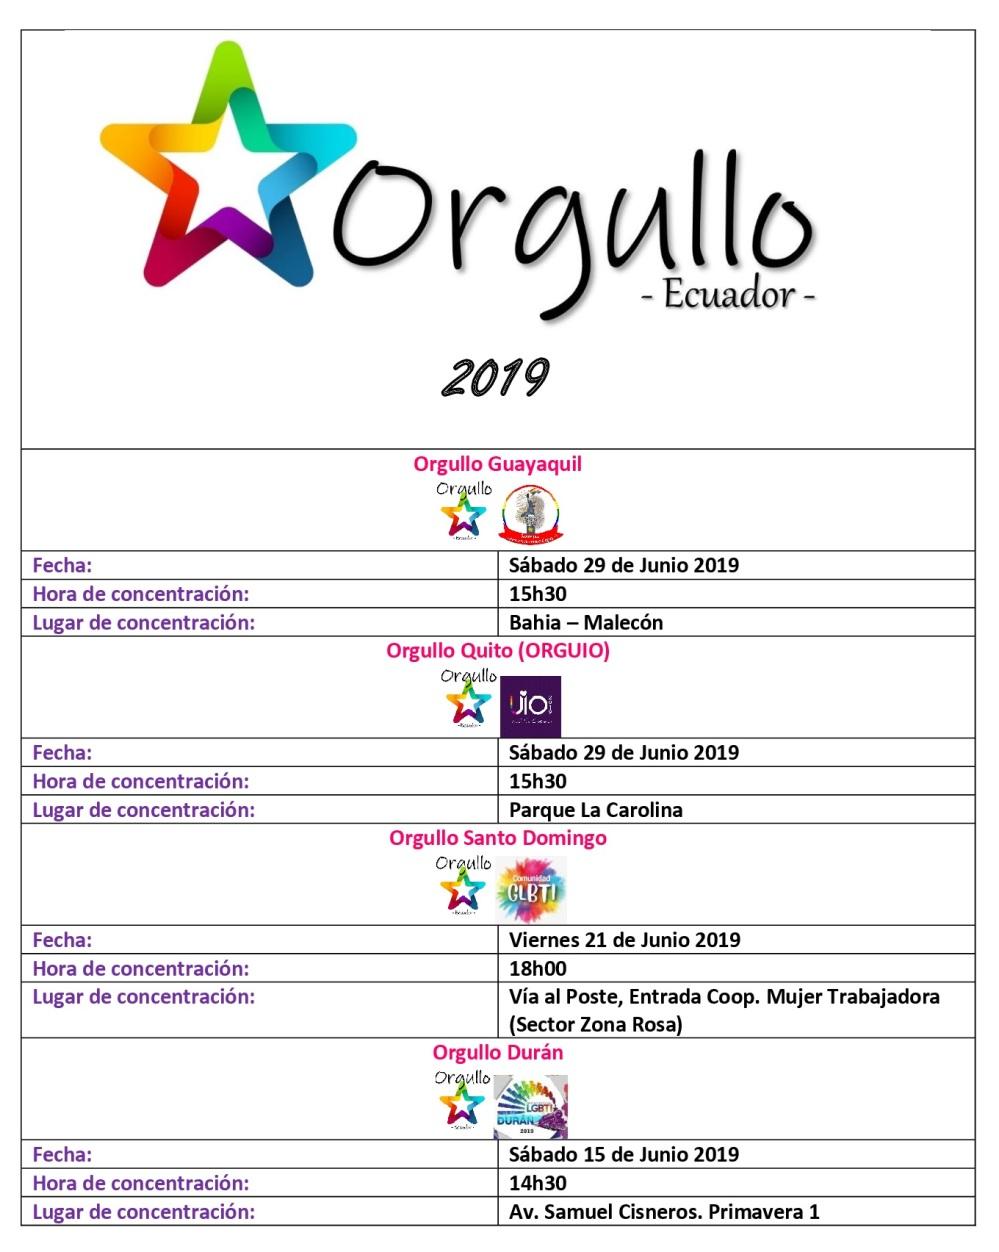 Orgullo-Ecuador-2019-cronograma nacional